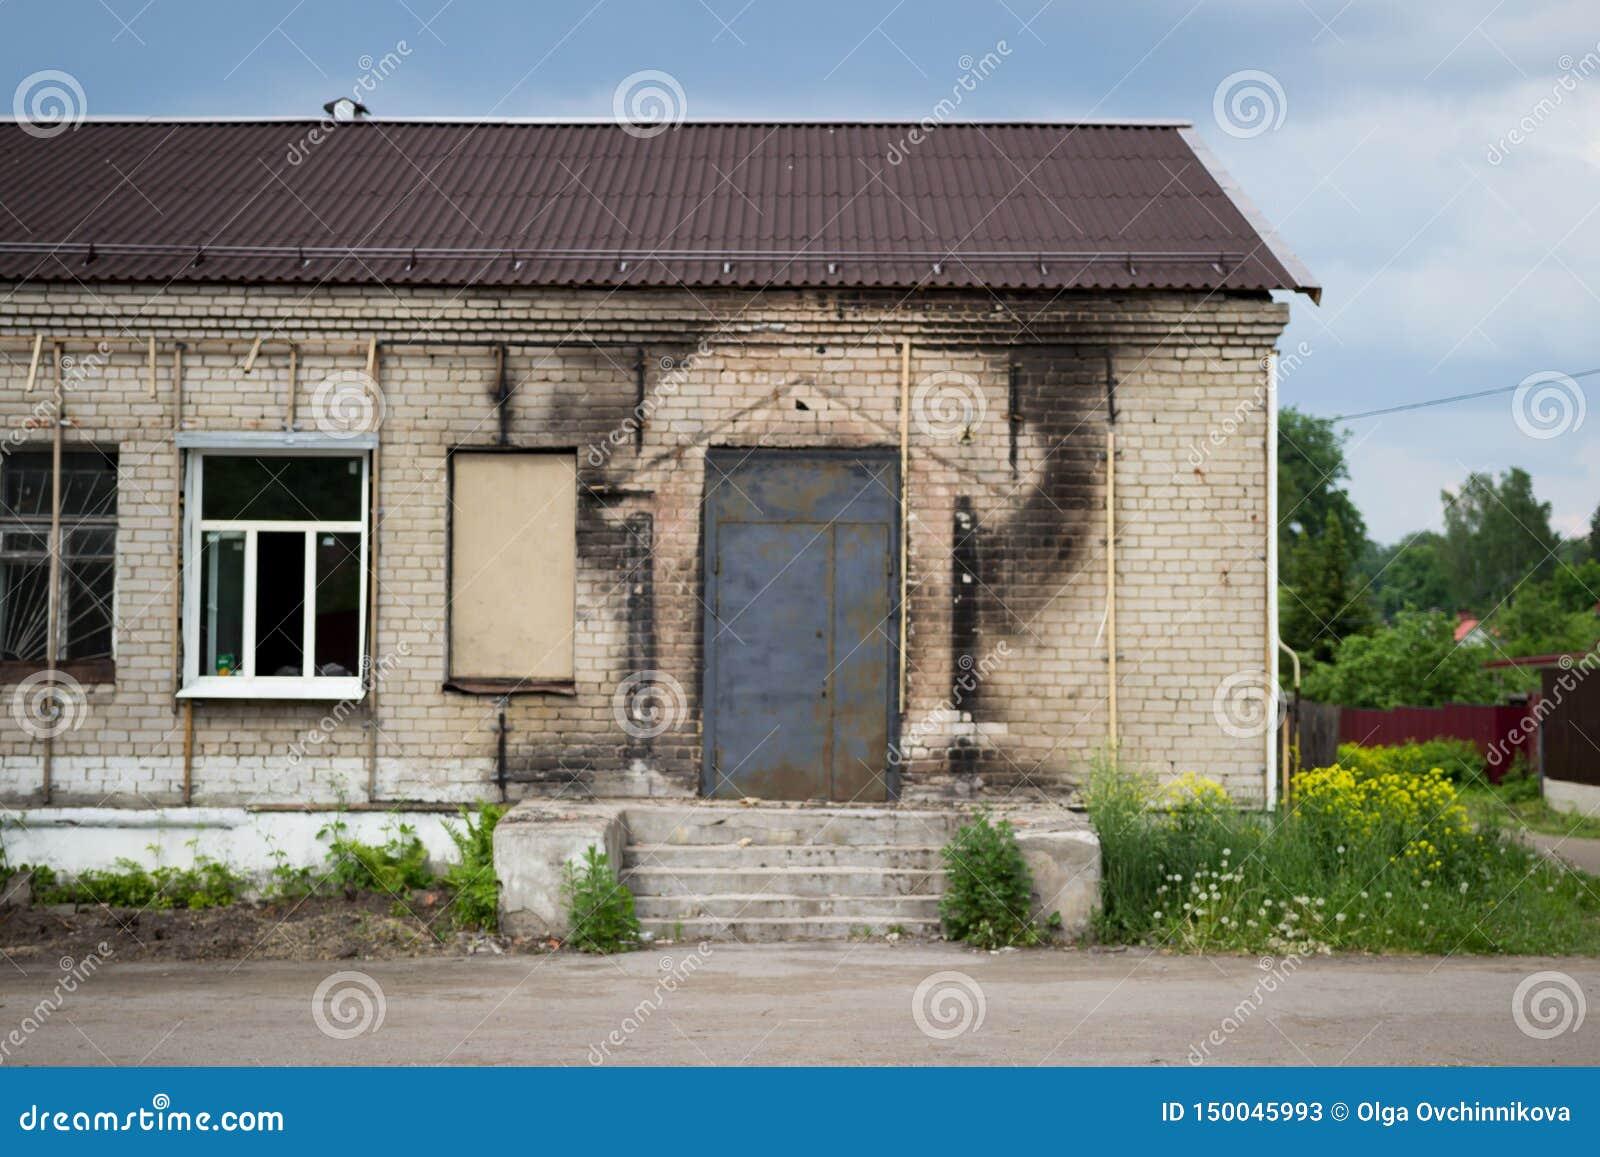 Czerń ślada sadza na ścianie budynek, zostaje po ogienia Gankowy i nowy drzwi